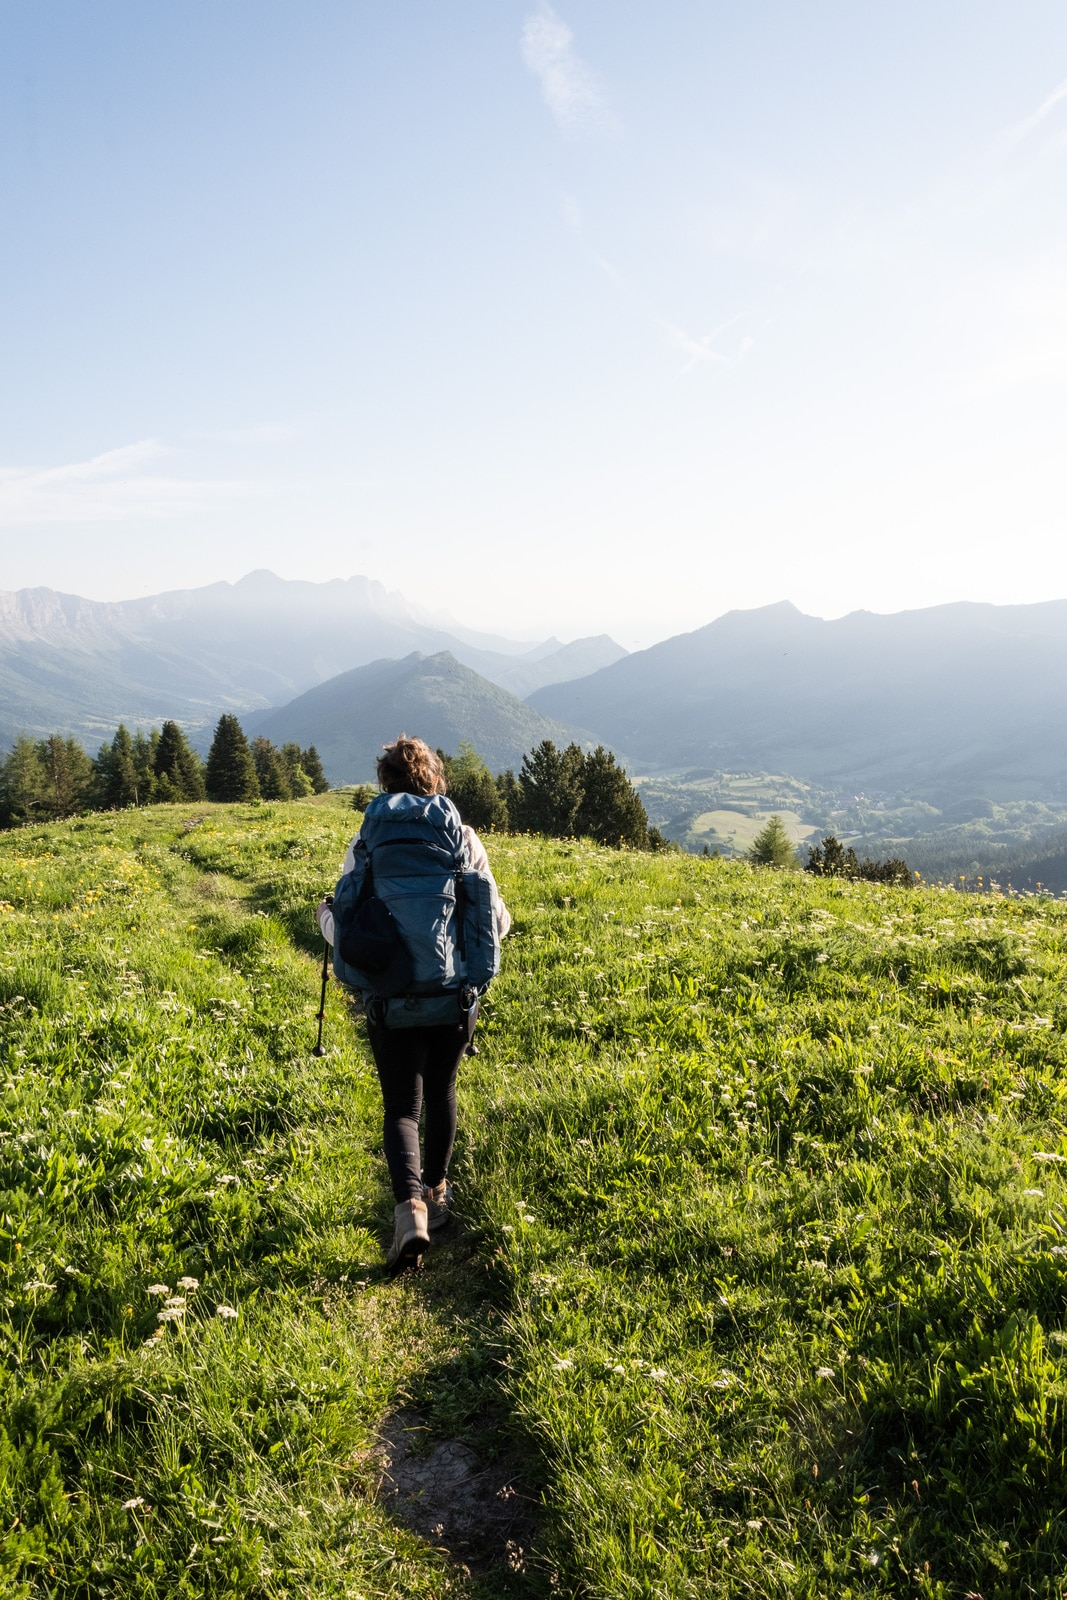 randonneur sur sentier de montagne